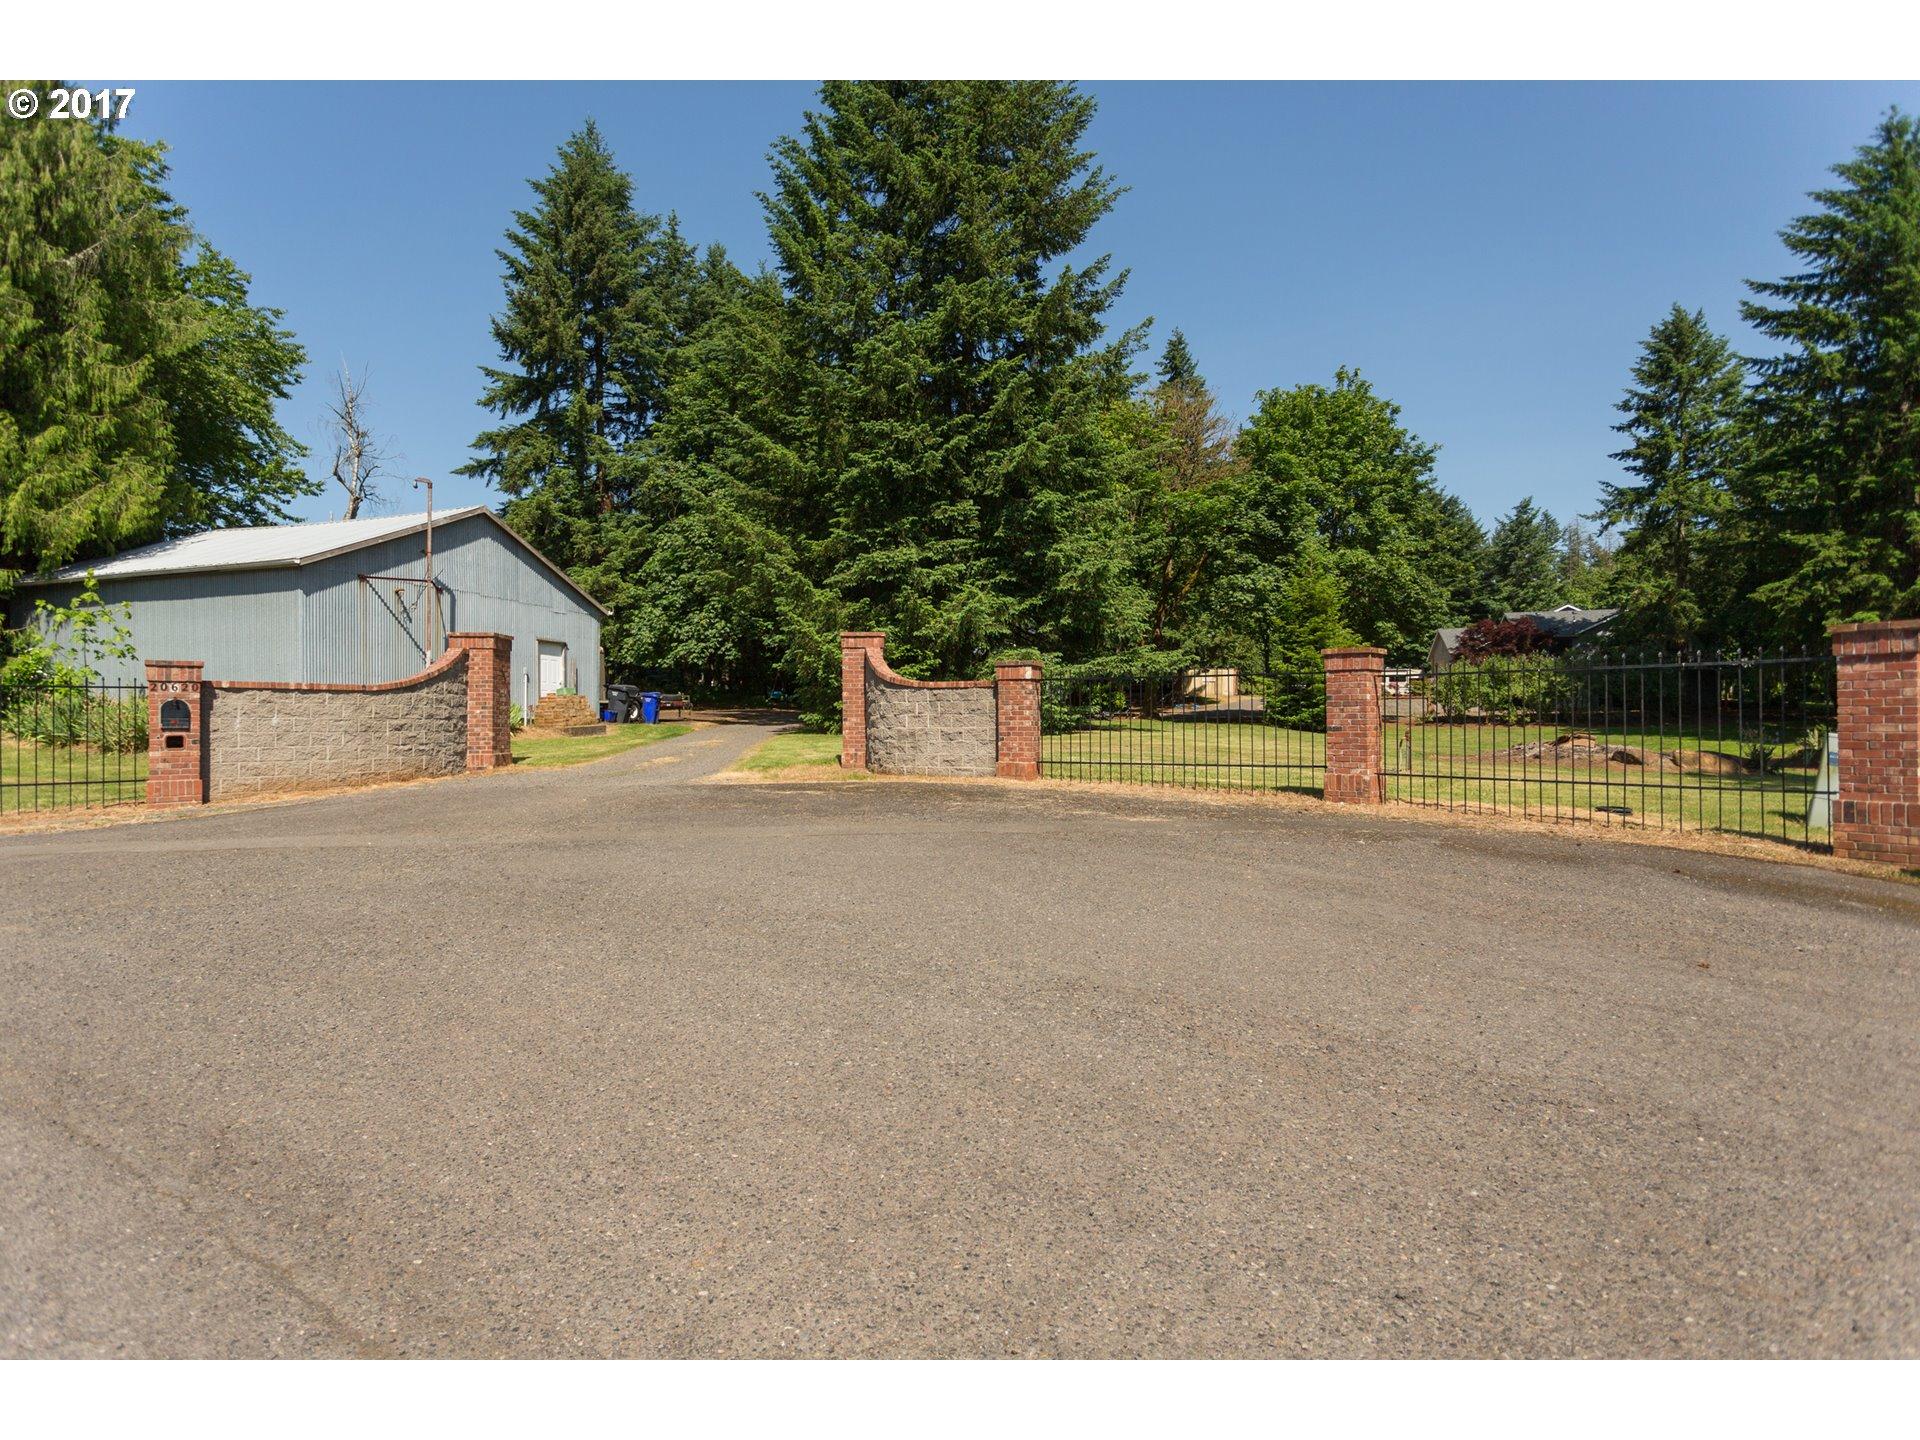 20620 REEDER LN, Oregon City, OR 97045